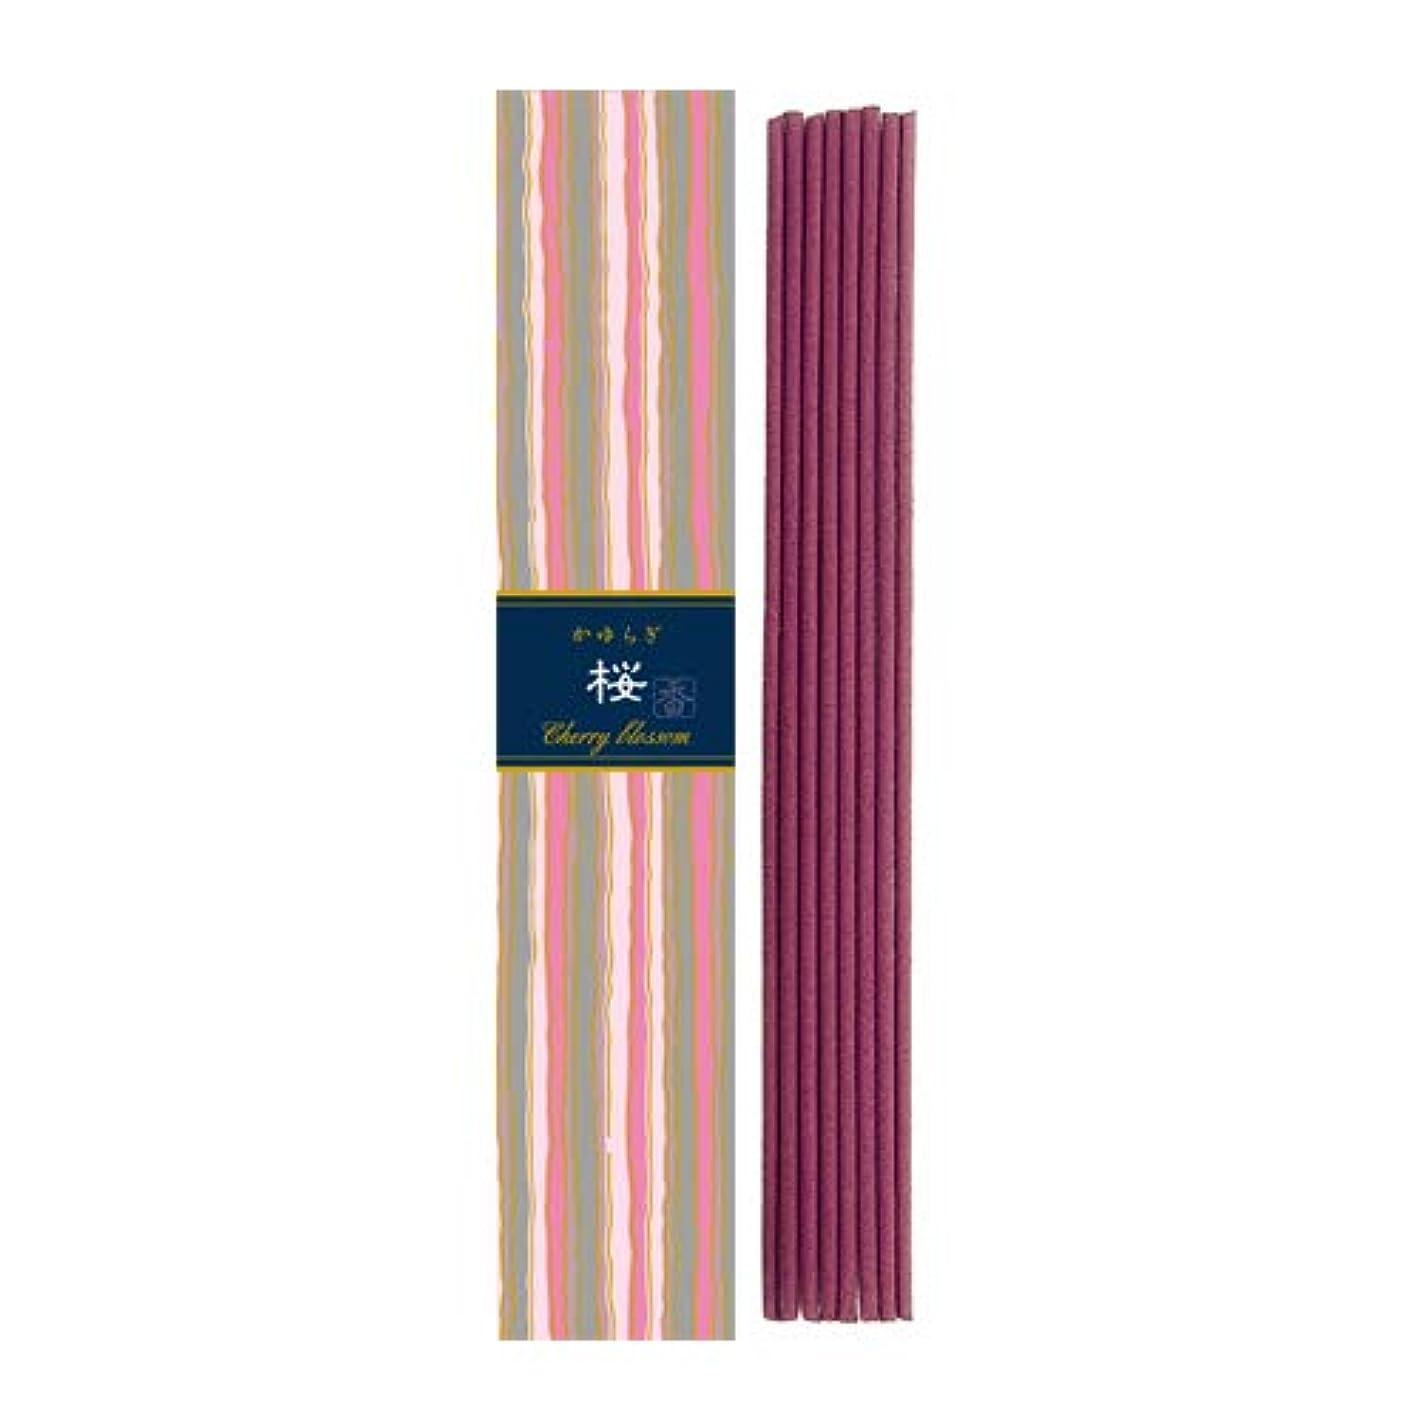 取得するセイはさておきみかゆらぎ スティック 桜40本 × 3個セット